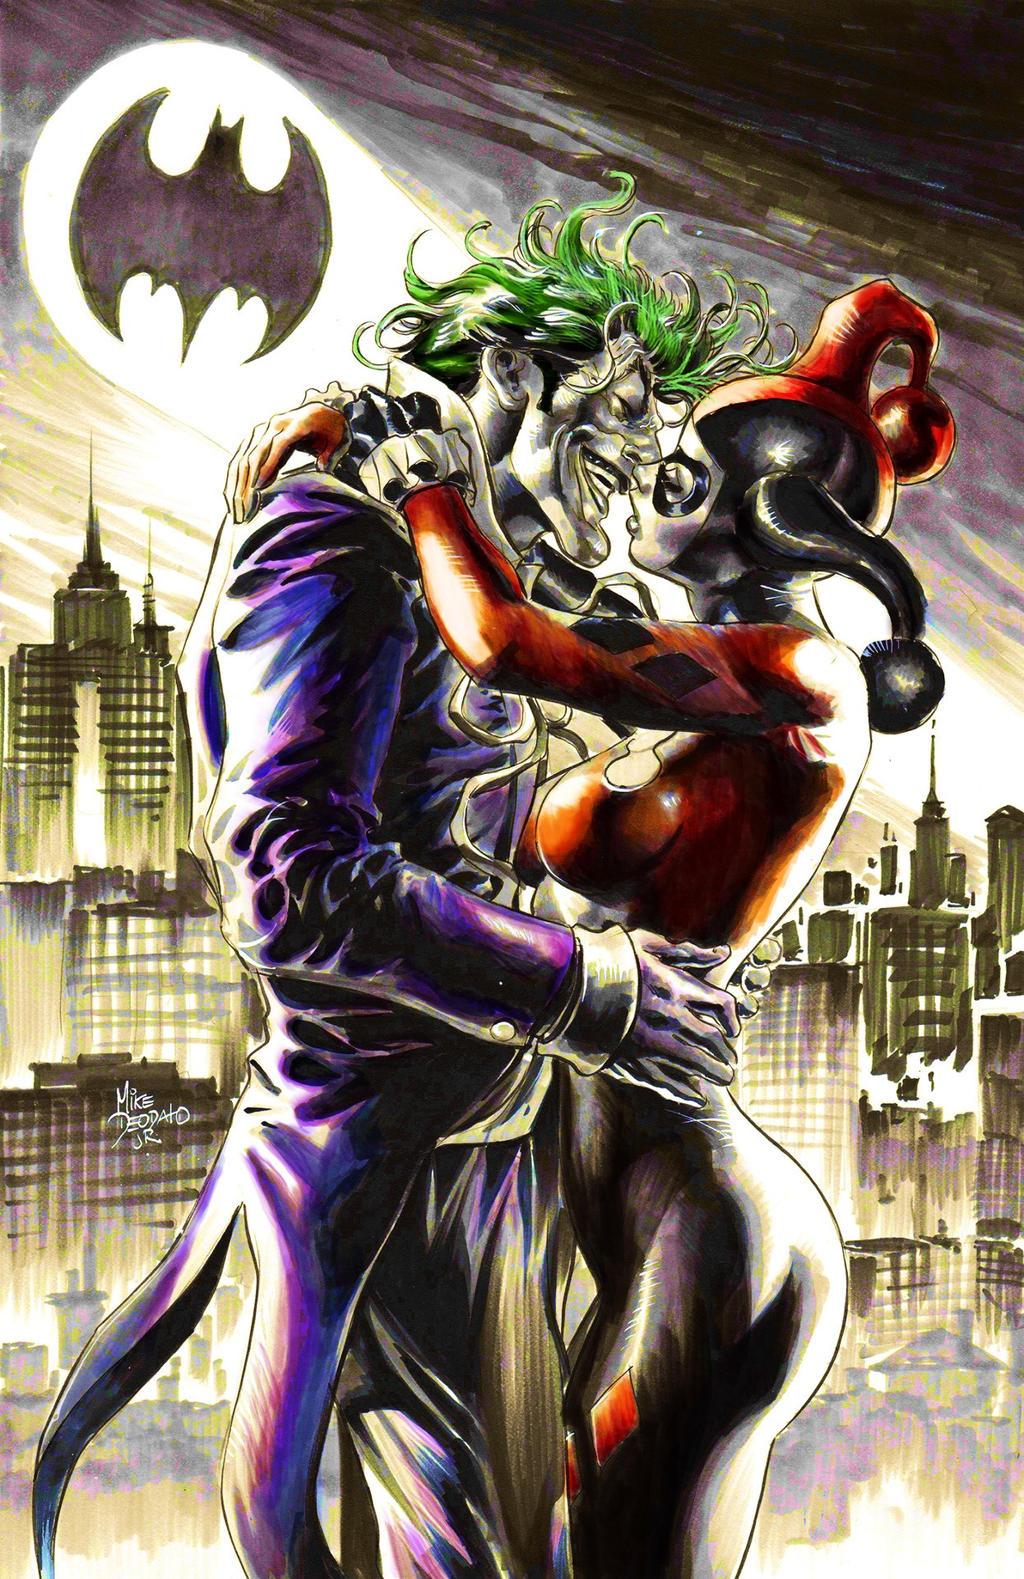 Joker e harley quinn by bluesnake49 on deviantart for Fotos de harley quinn